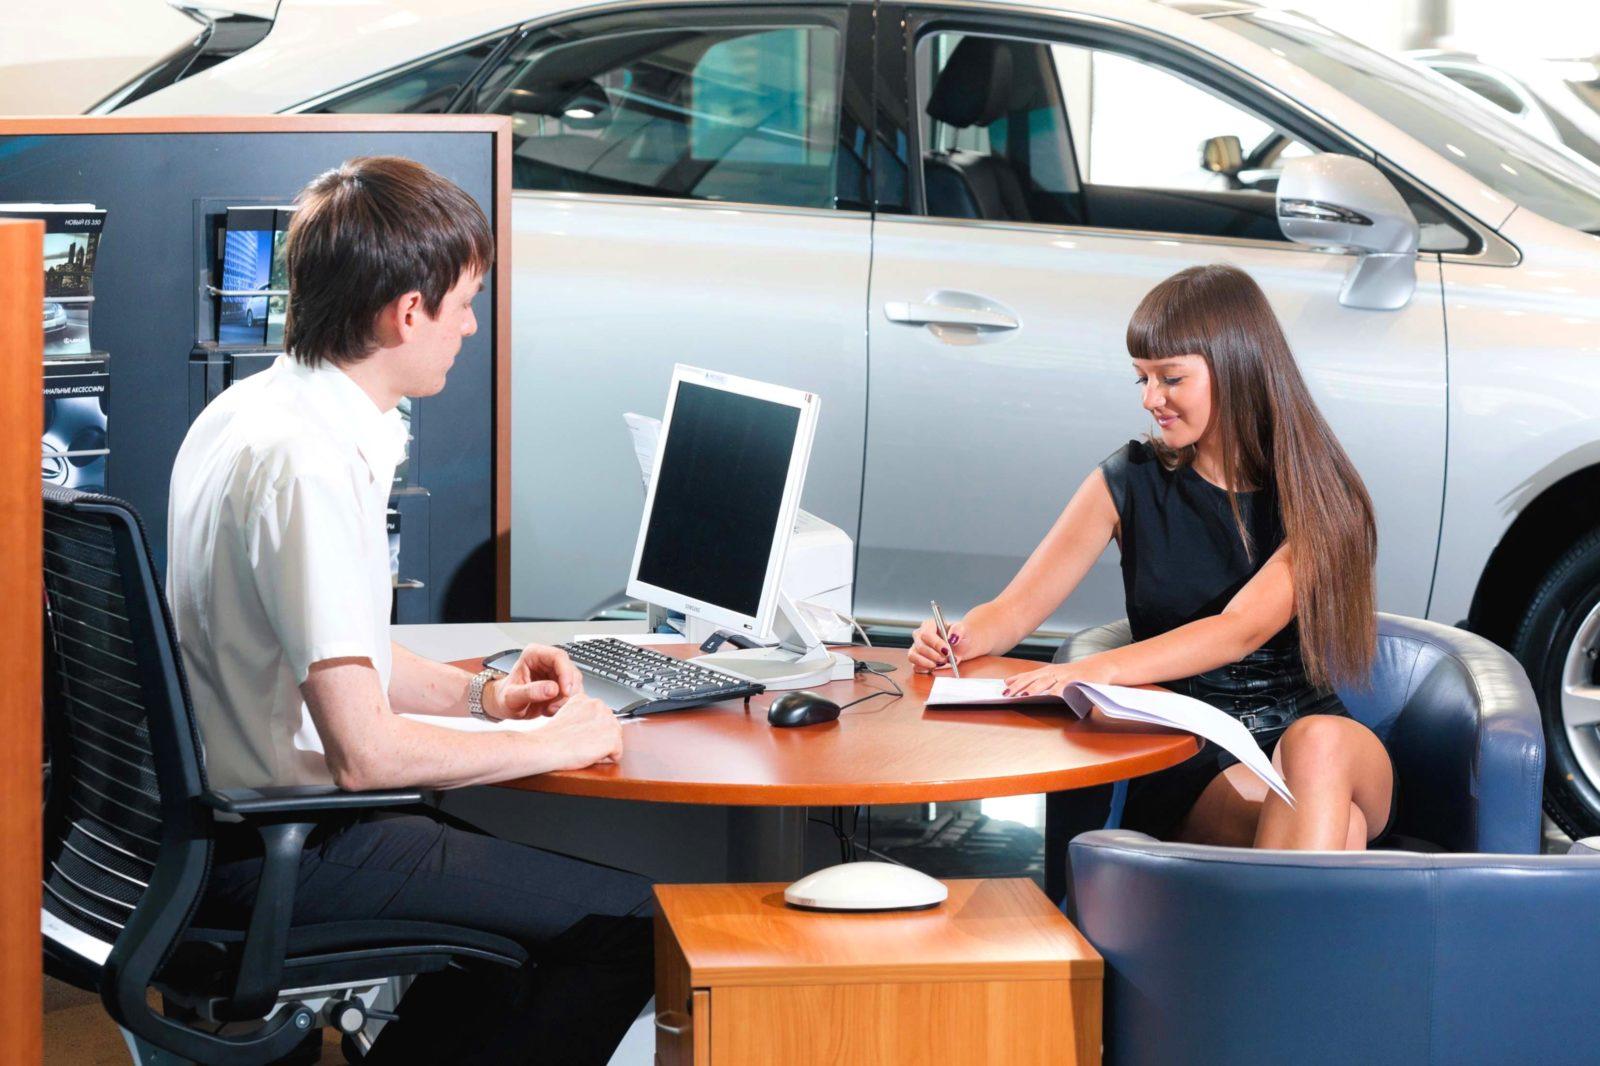 Какой срок постановки на учет автомобиля после покупки 2019 году